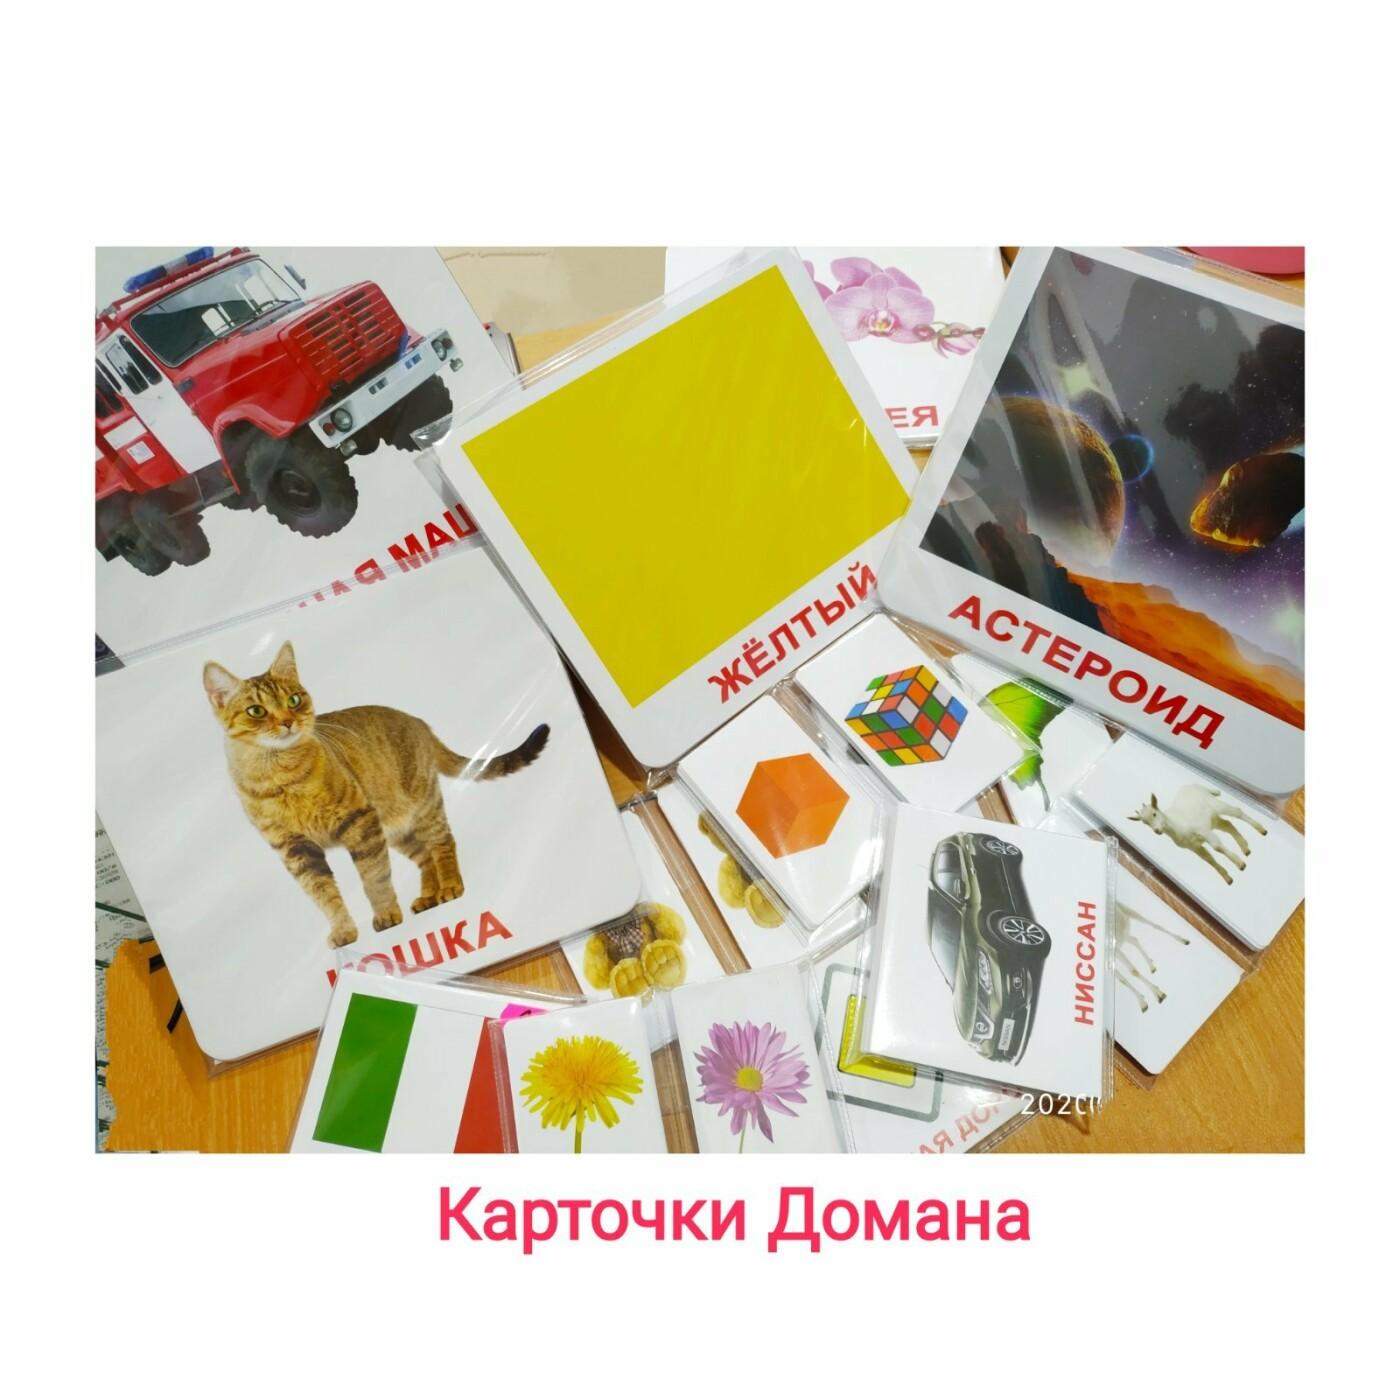 Черная пятница в Харькове - что предлагают компании?, фото-38